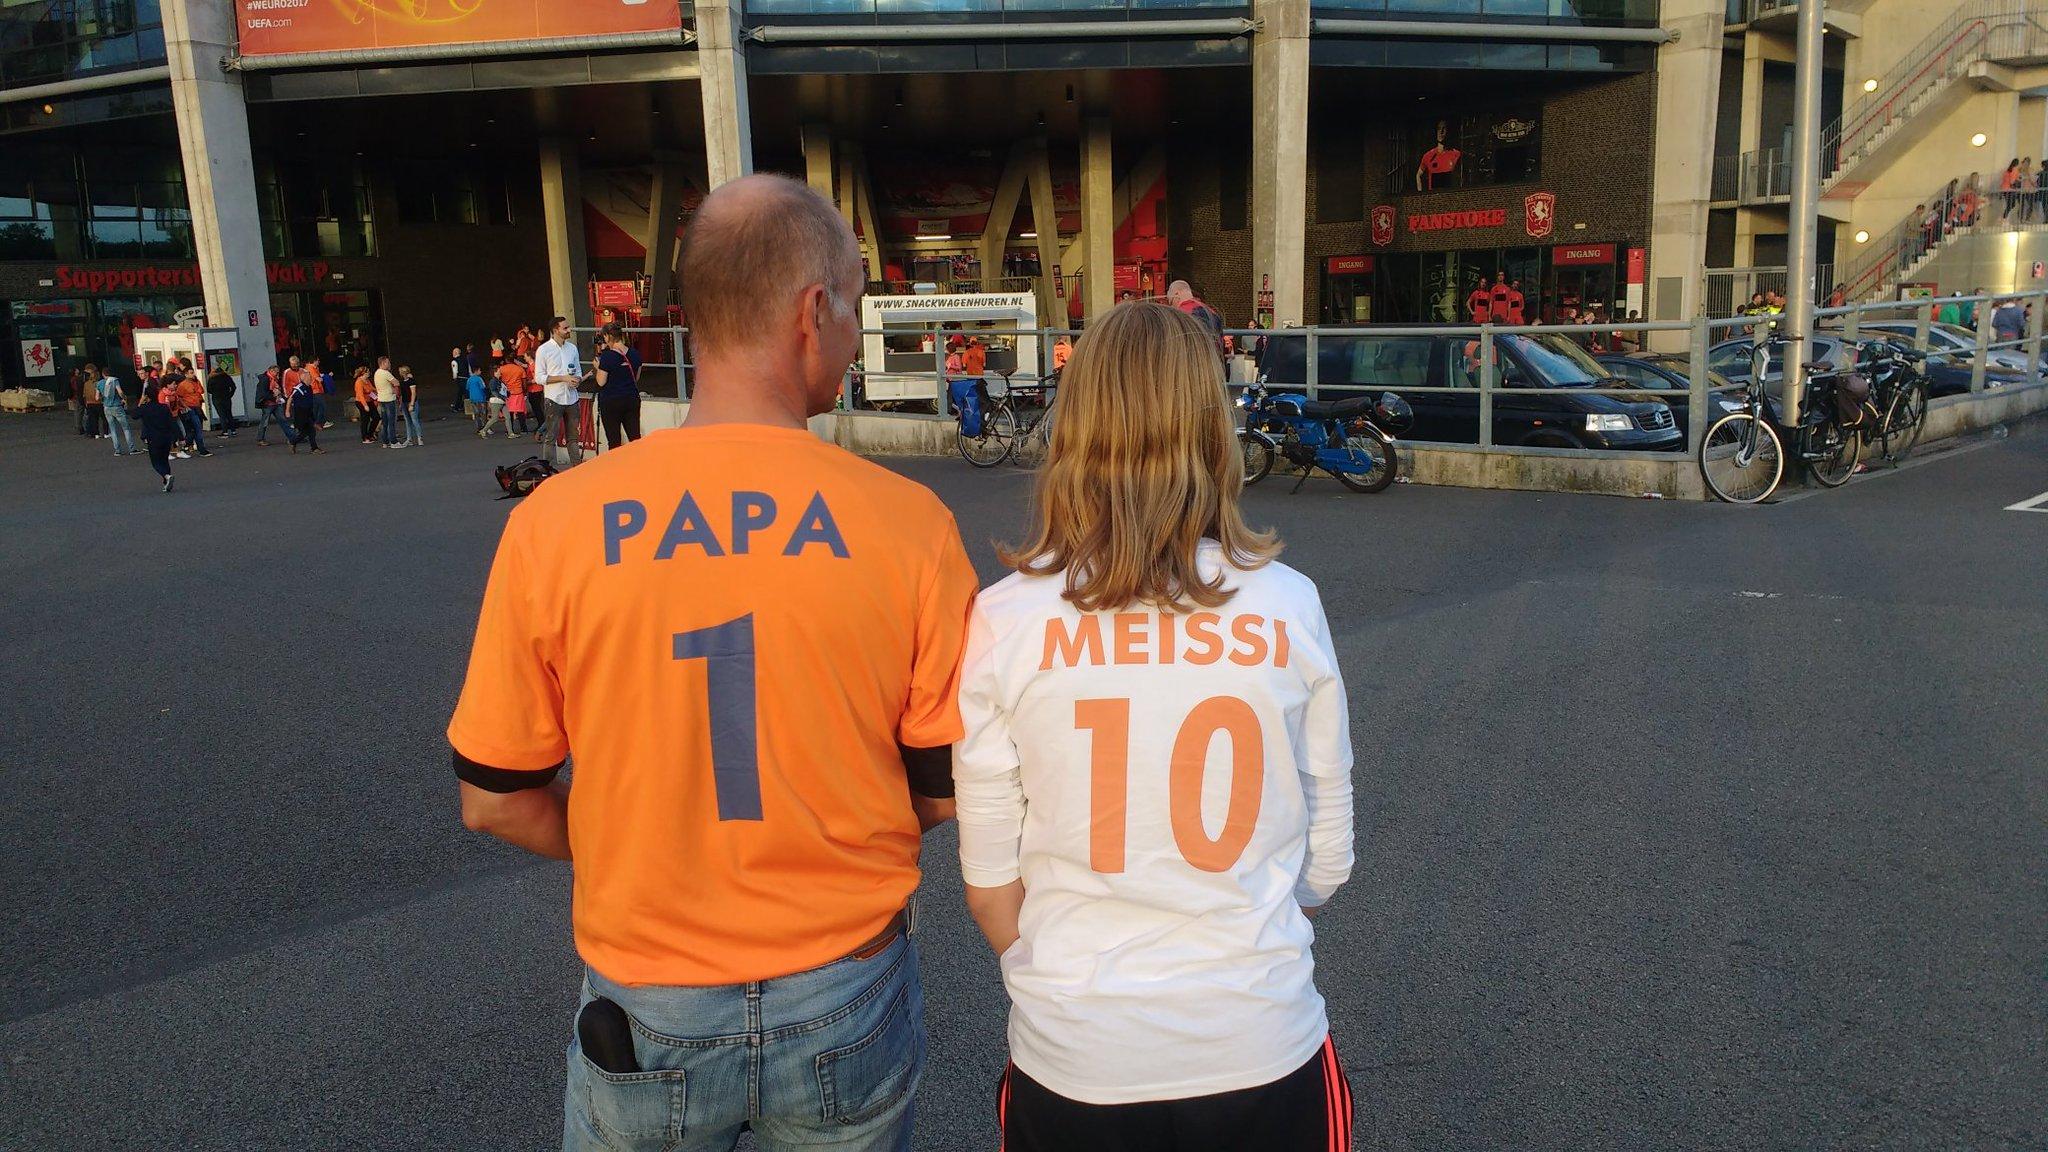 De Nederlandse fans zijn helemaal fantastisch